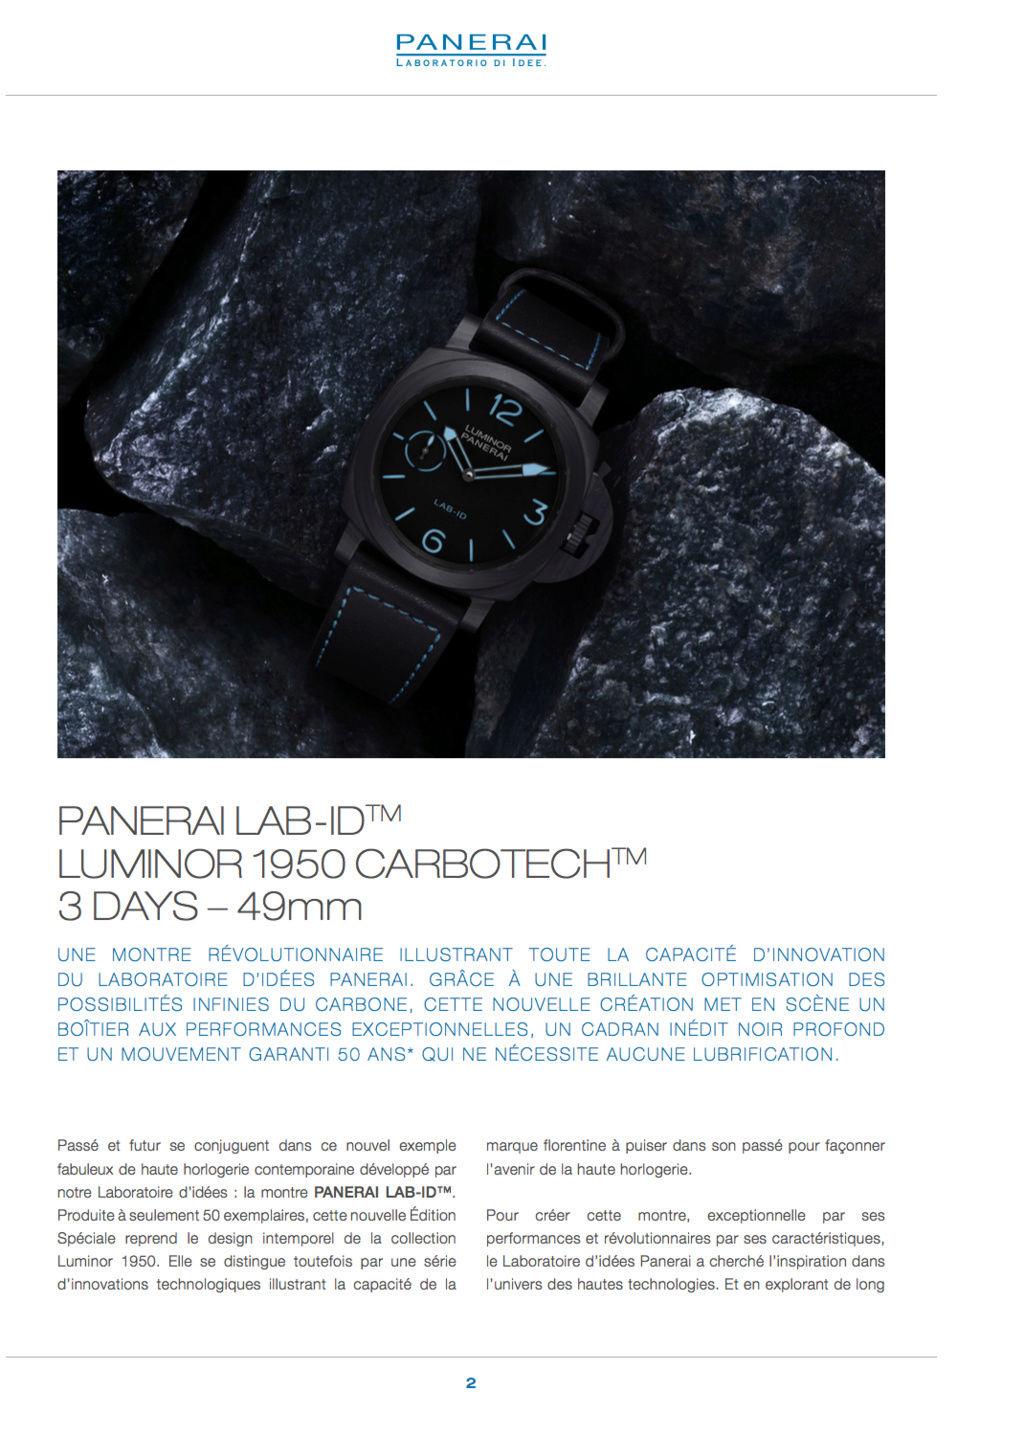 Communiqué de Presse SIHH2017 : PANERAI LAB-ID™ LUMINOR 1950 CARBOTECH™ 3 DAYS - 49mm PAM00700 Captur17